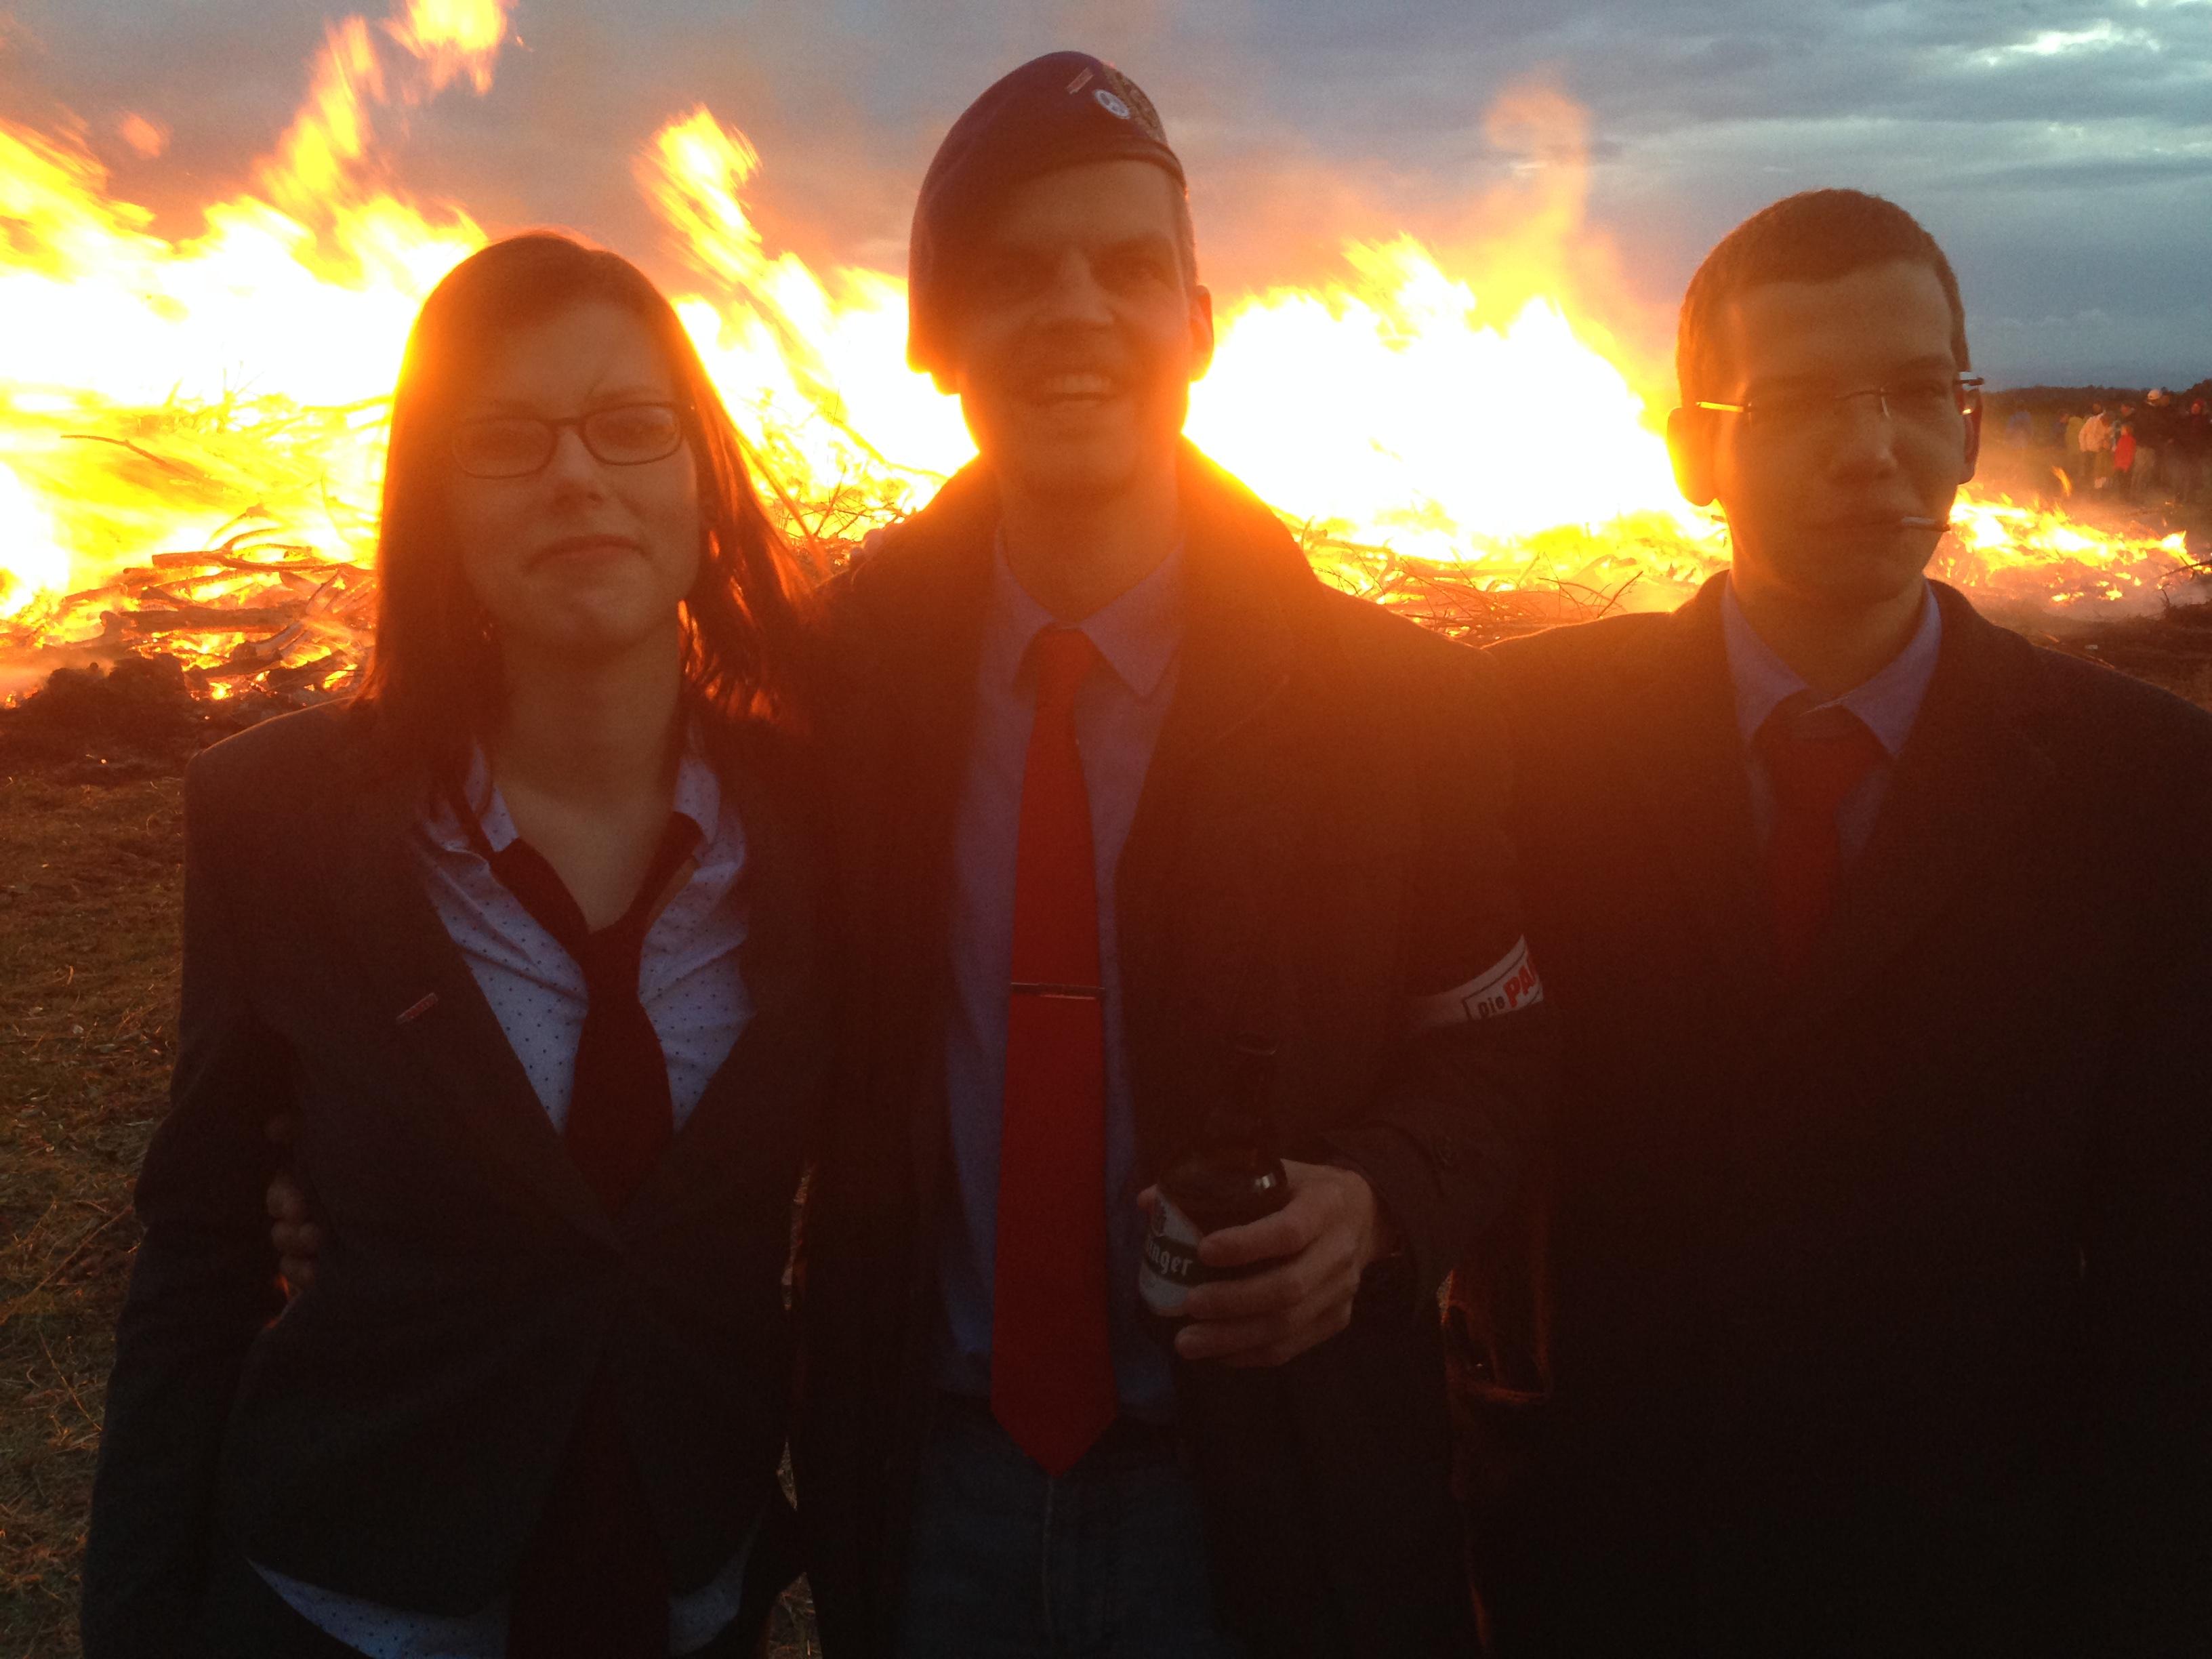 Kandidaten für eine brennende Zukunft | Die PARTEI Göttingen